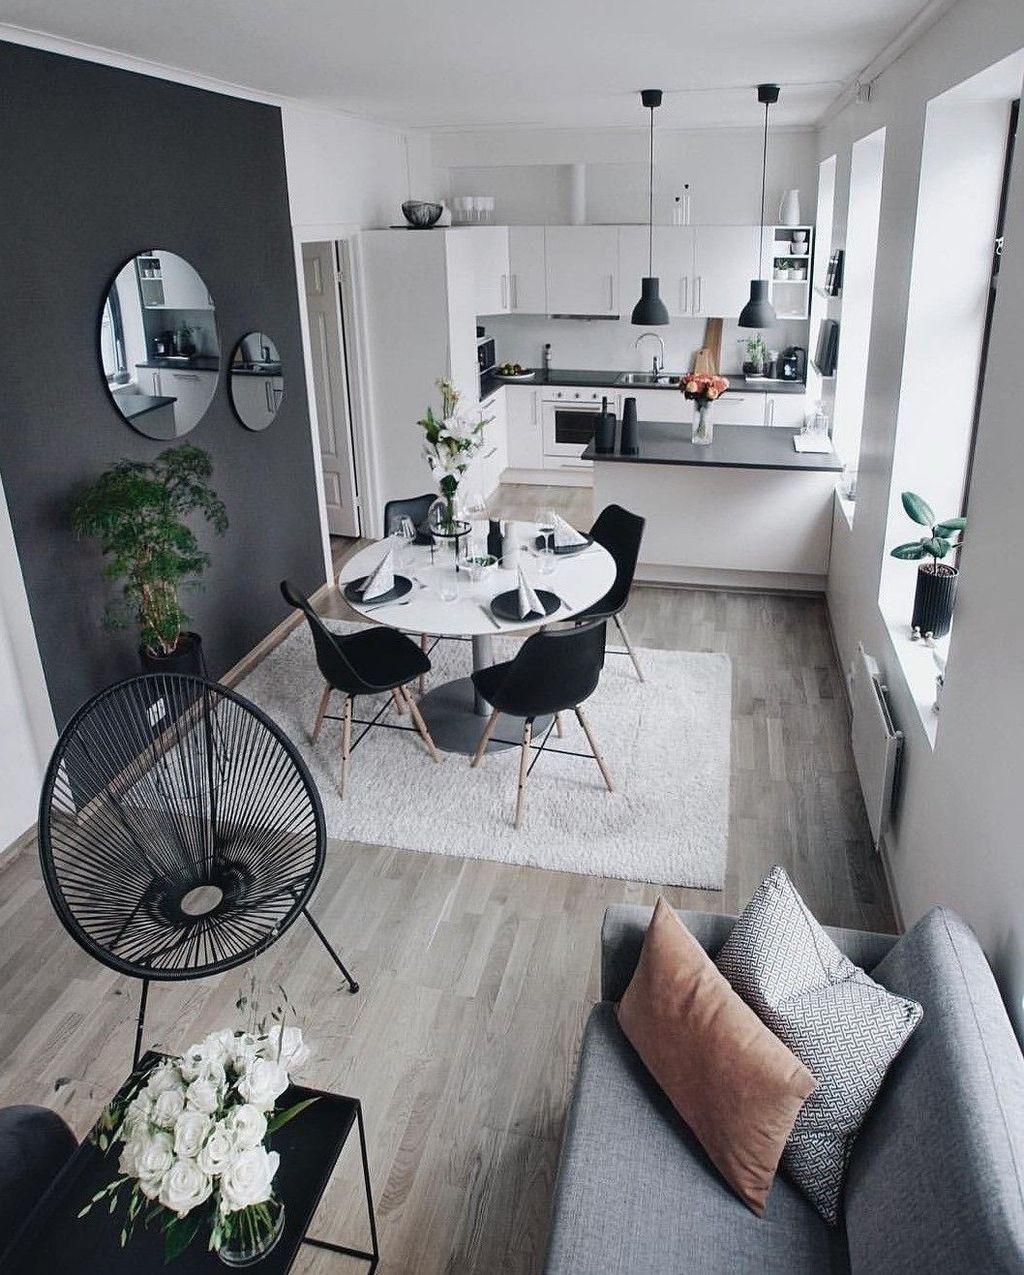 35 Perfect Small Apartment Kitchen Design And Decor Ideas